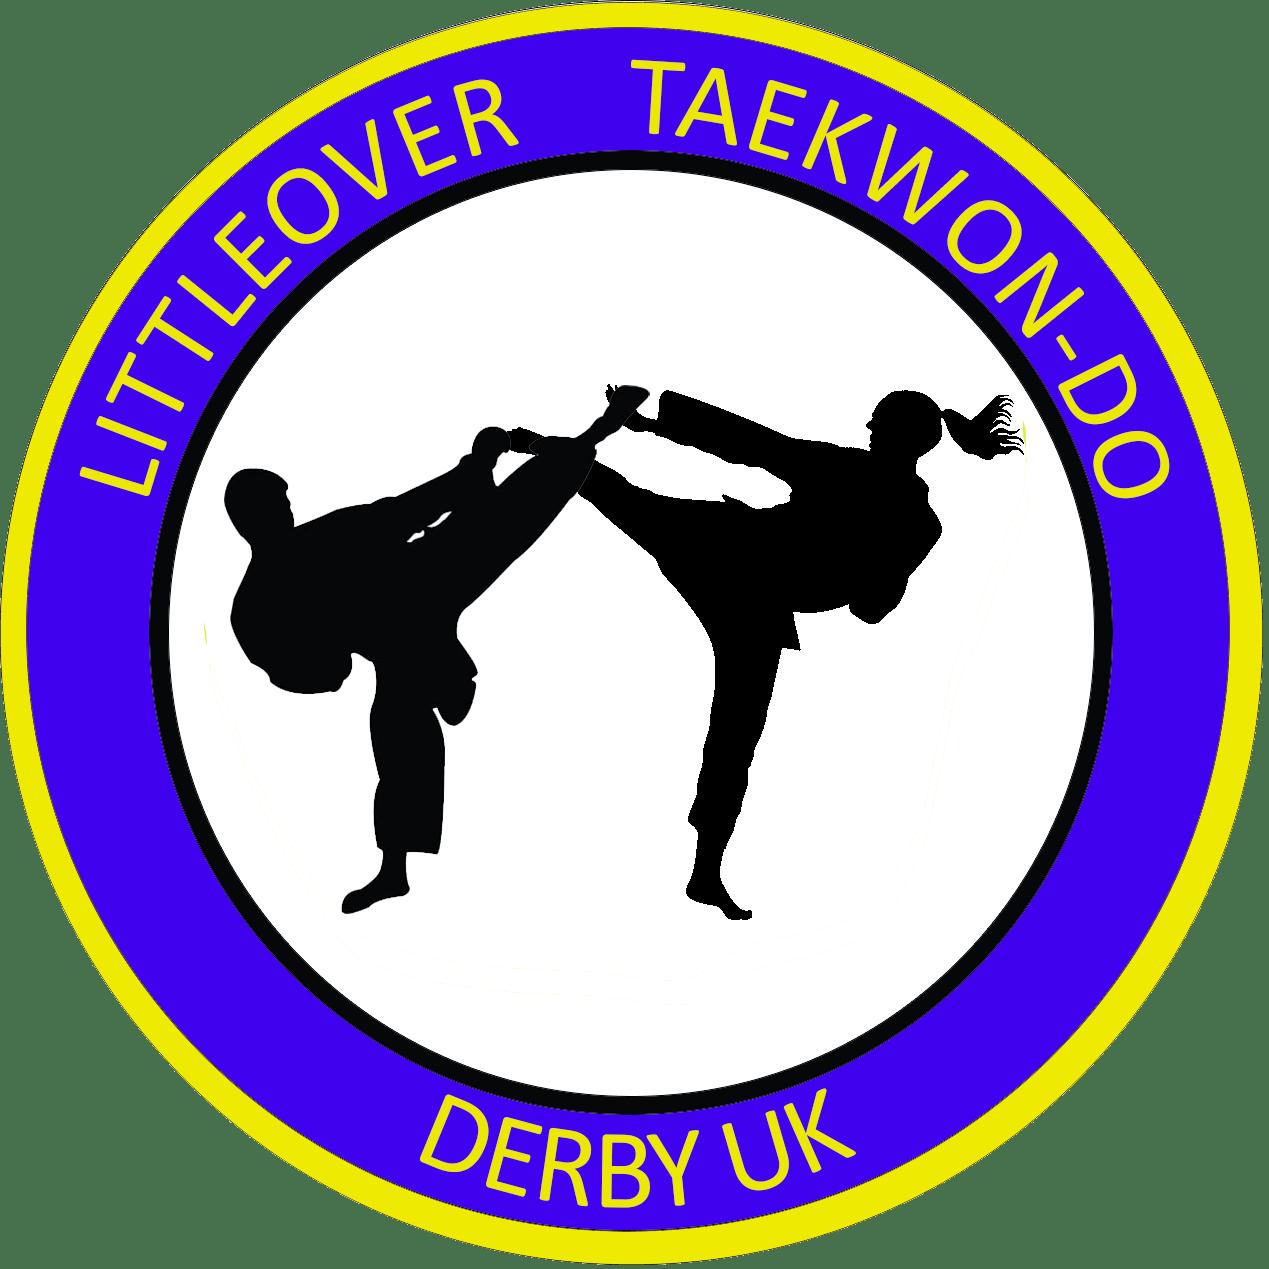 Littleover Taekwon-Do